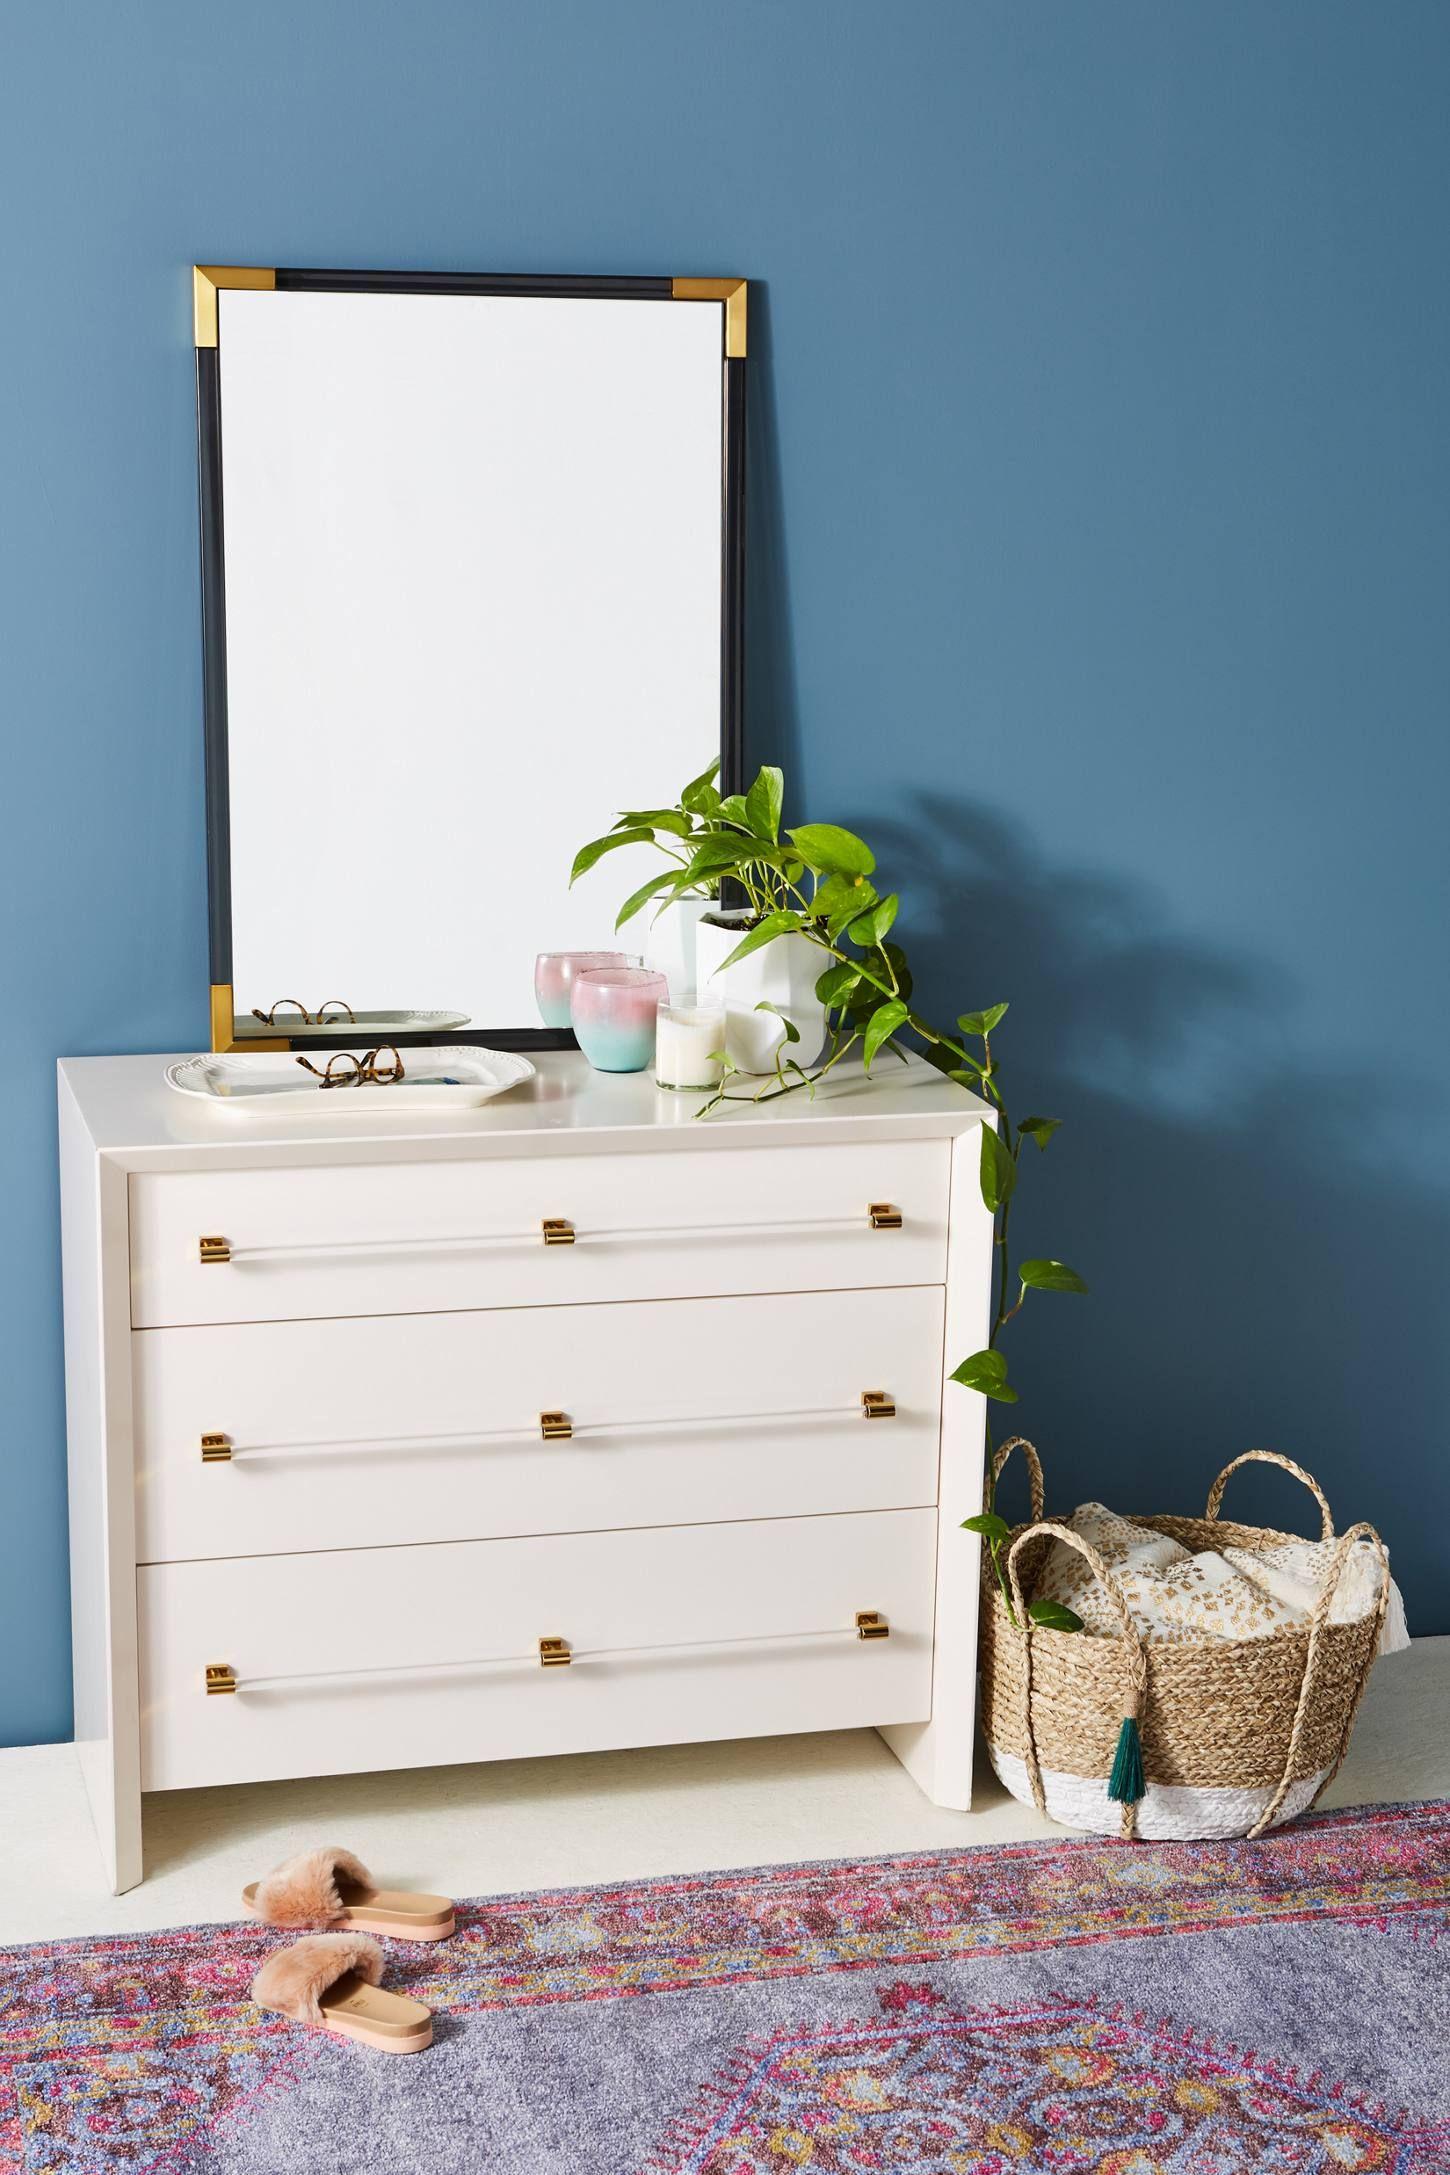 Merriton ThreeDrawer Dresser Three drawer dresser